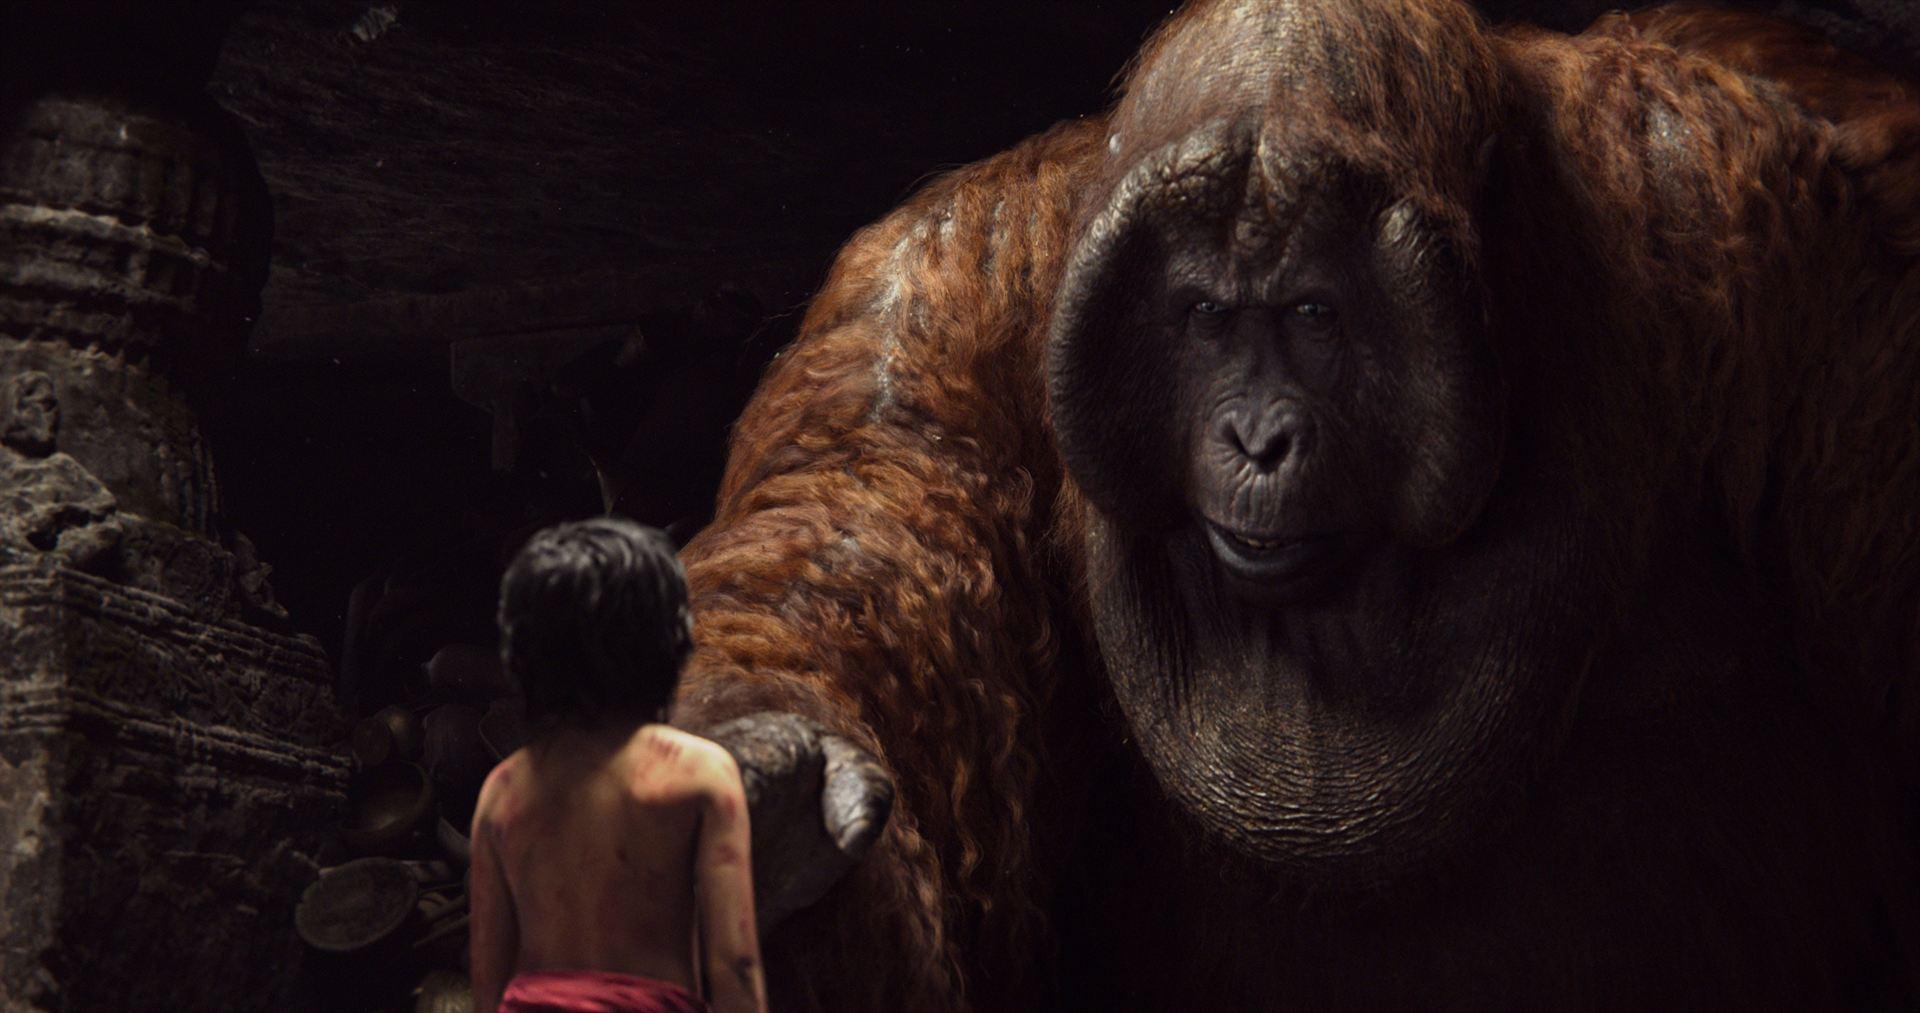 Le livre de la jungle film 2016 for Le livre de